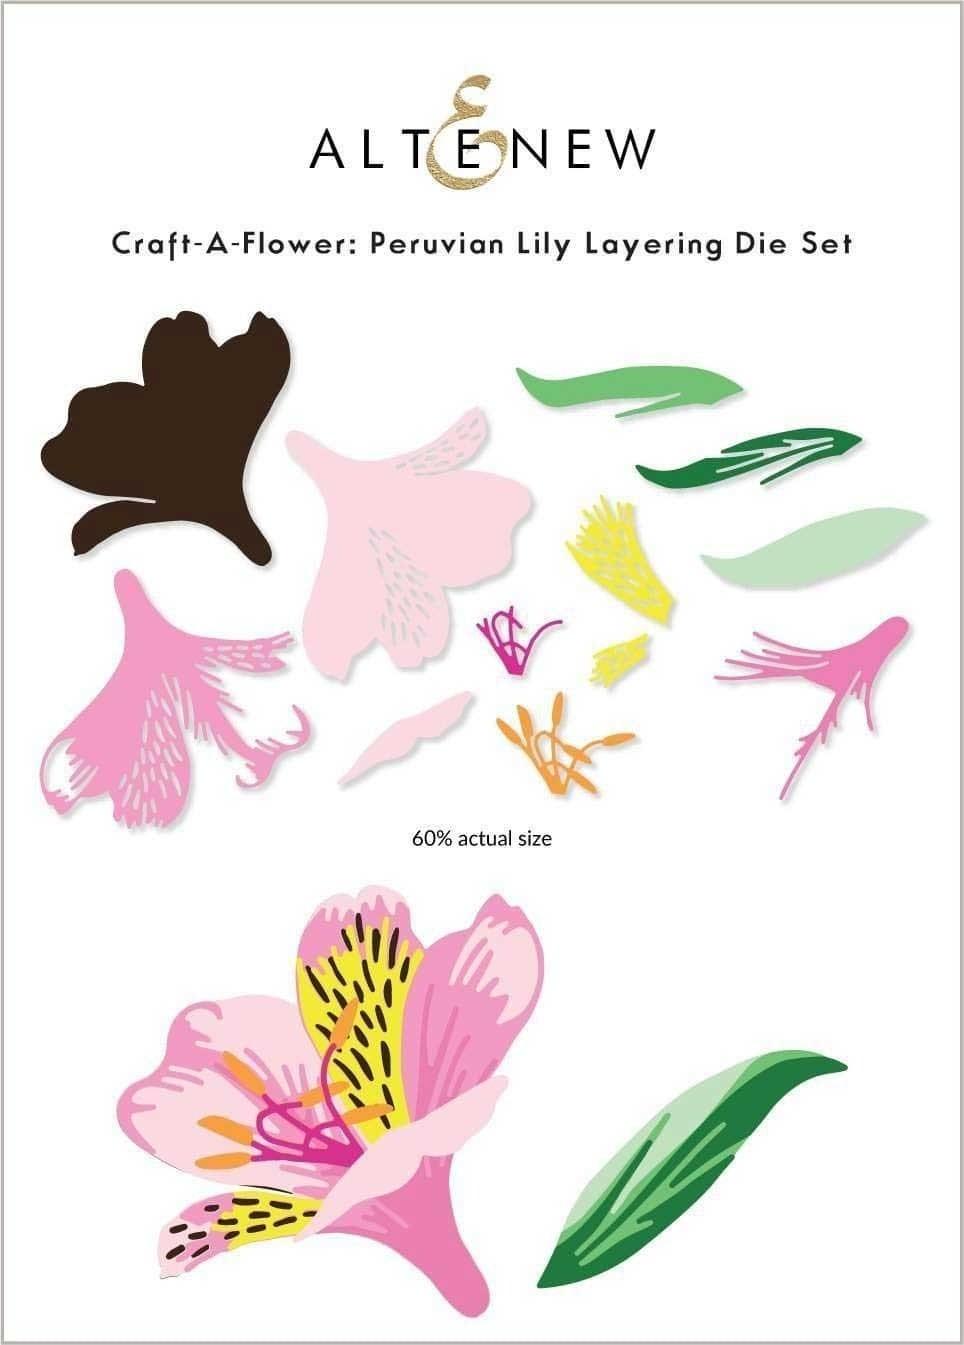 Altenew Craft-A-Flower: Peruvian Lily Layering Die Set